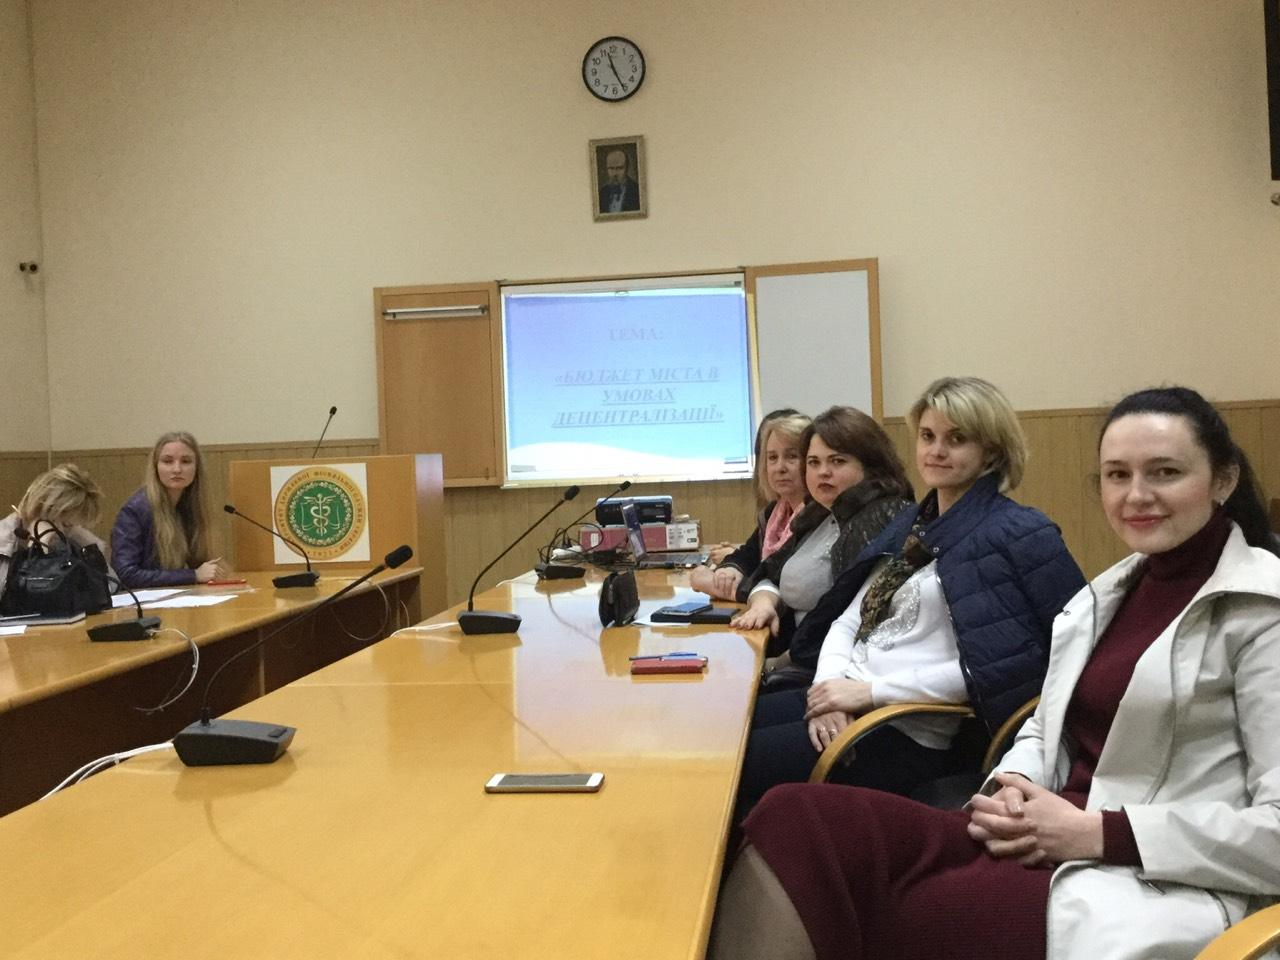 Науково-практичний круглий стіл на тему: «Фінансові інструменти регіонального розвитку в Україні в умовах децентралізації»